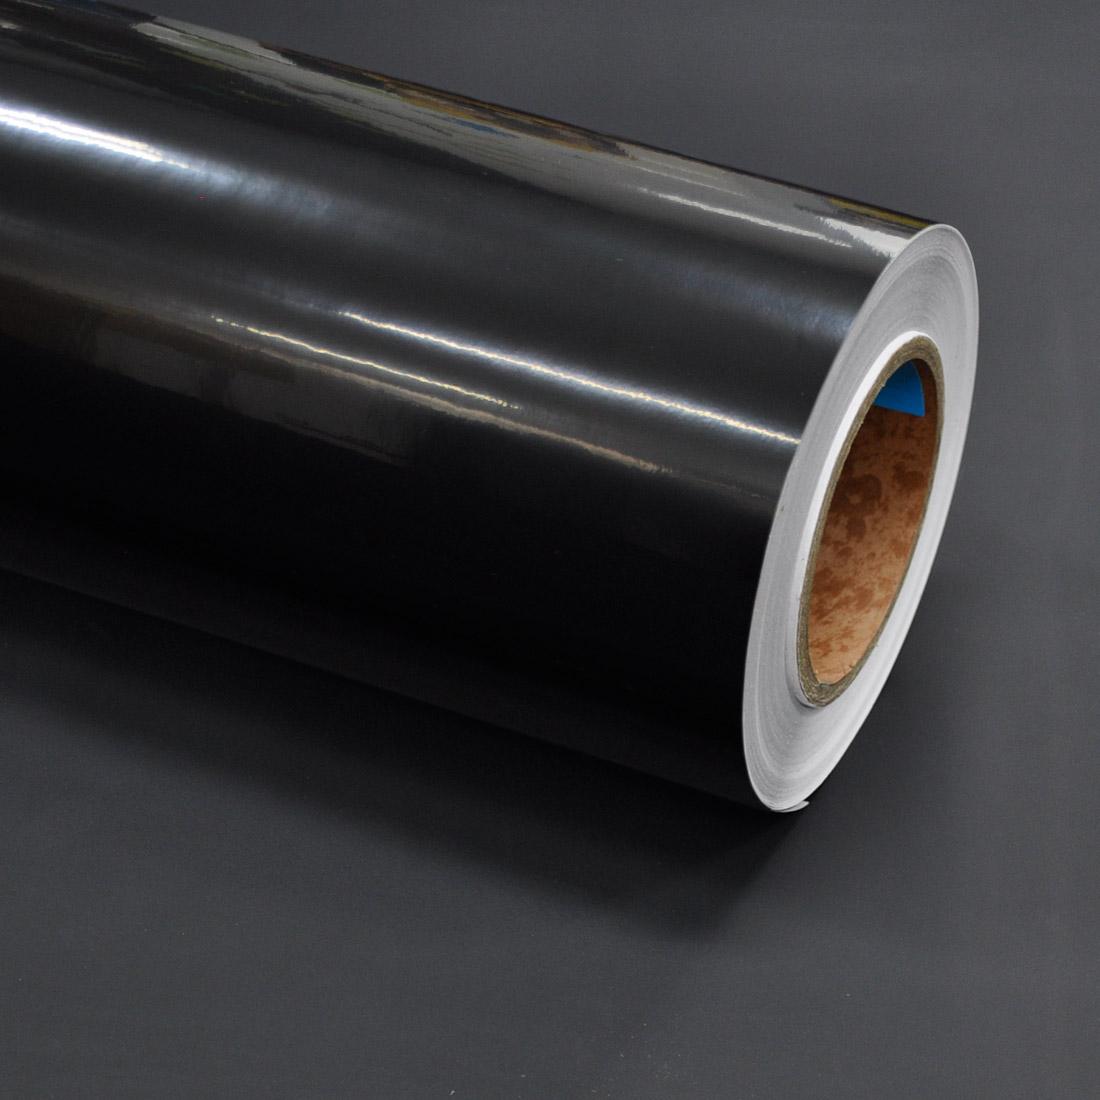 현대인테리어필름 고광택시트지, 블랙(HG-992)